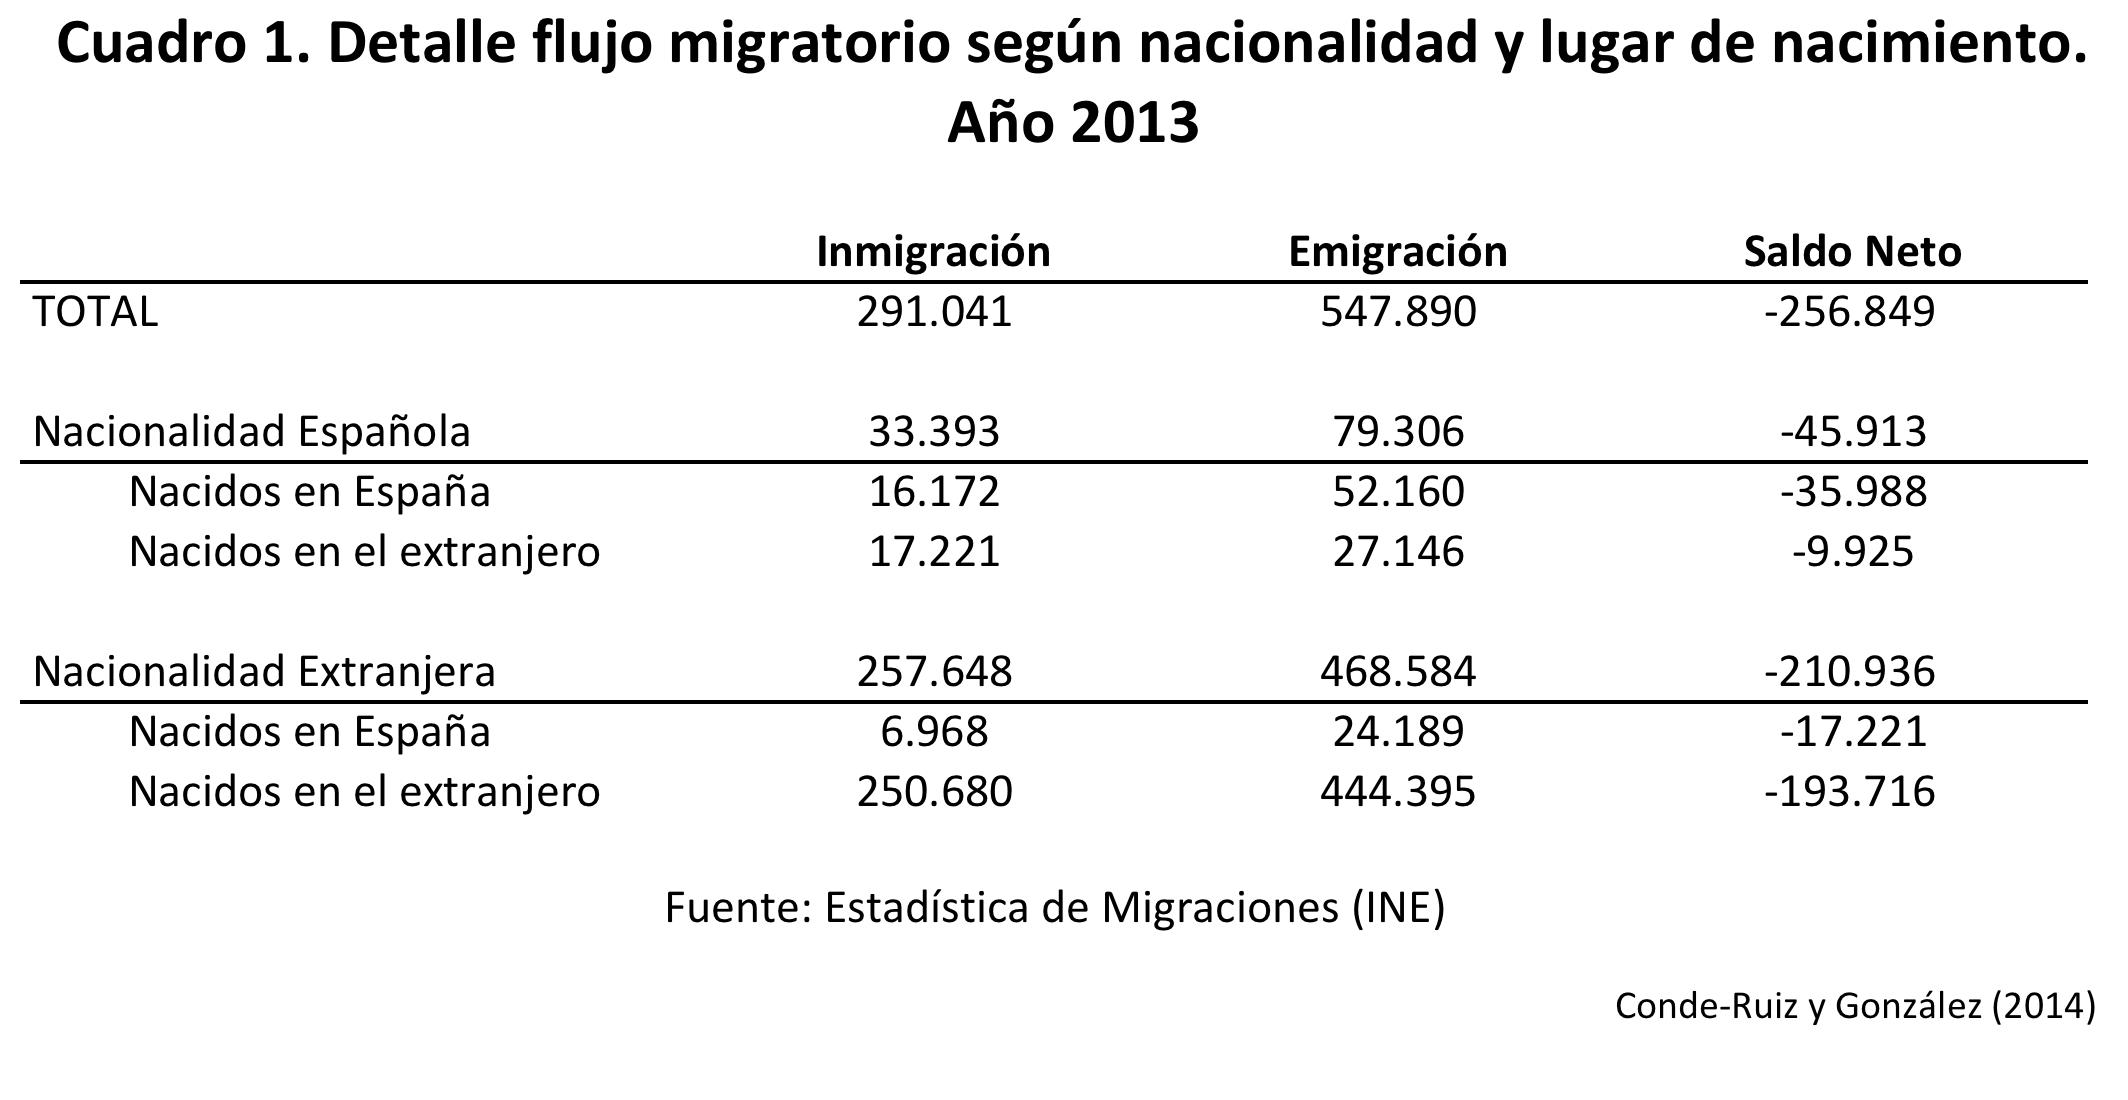 cuadro1_flujos migratorios